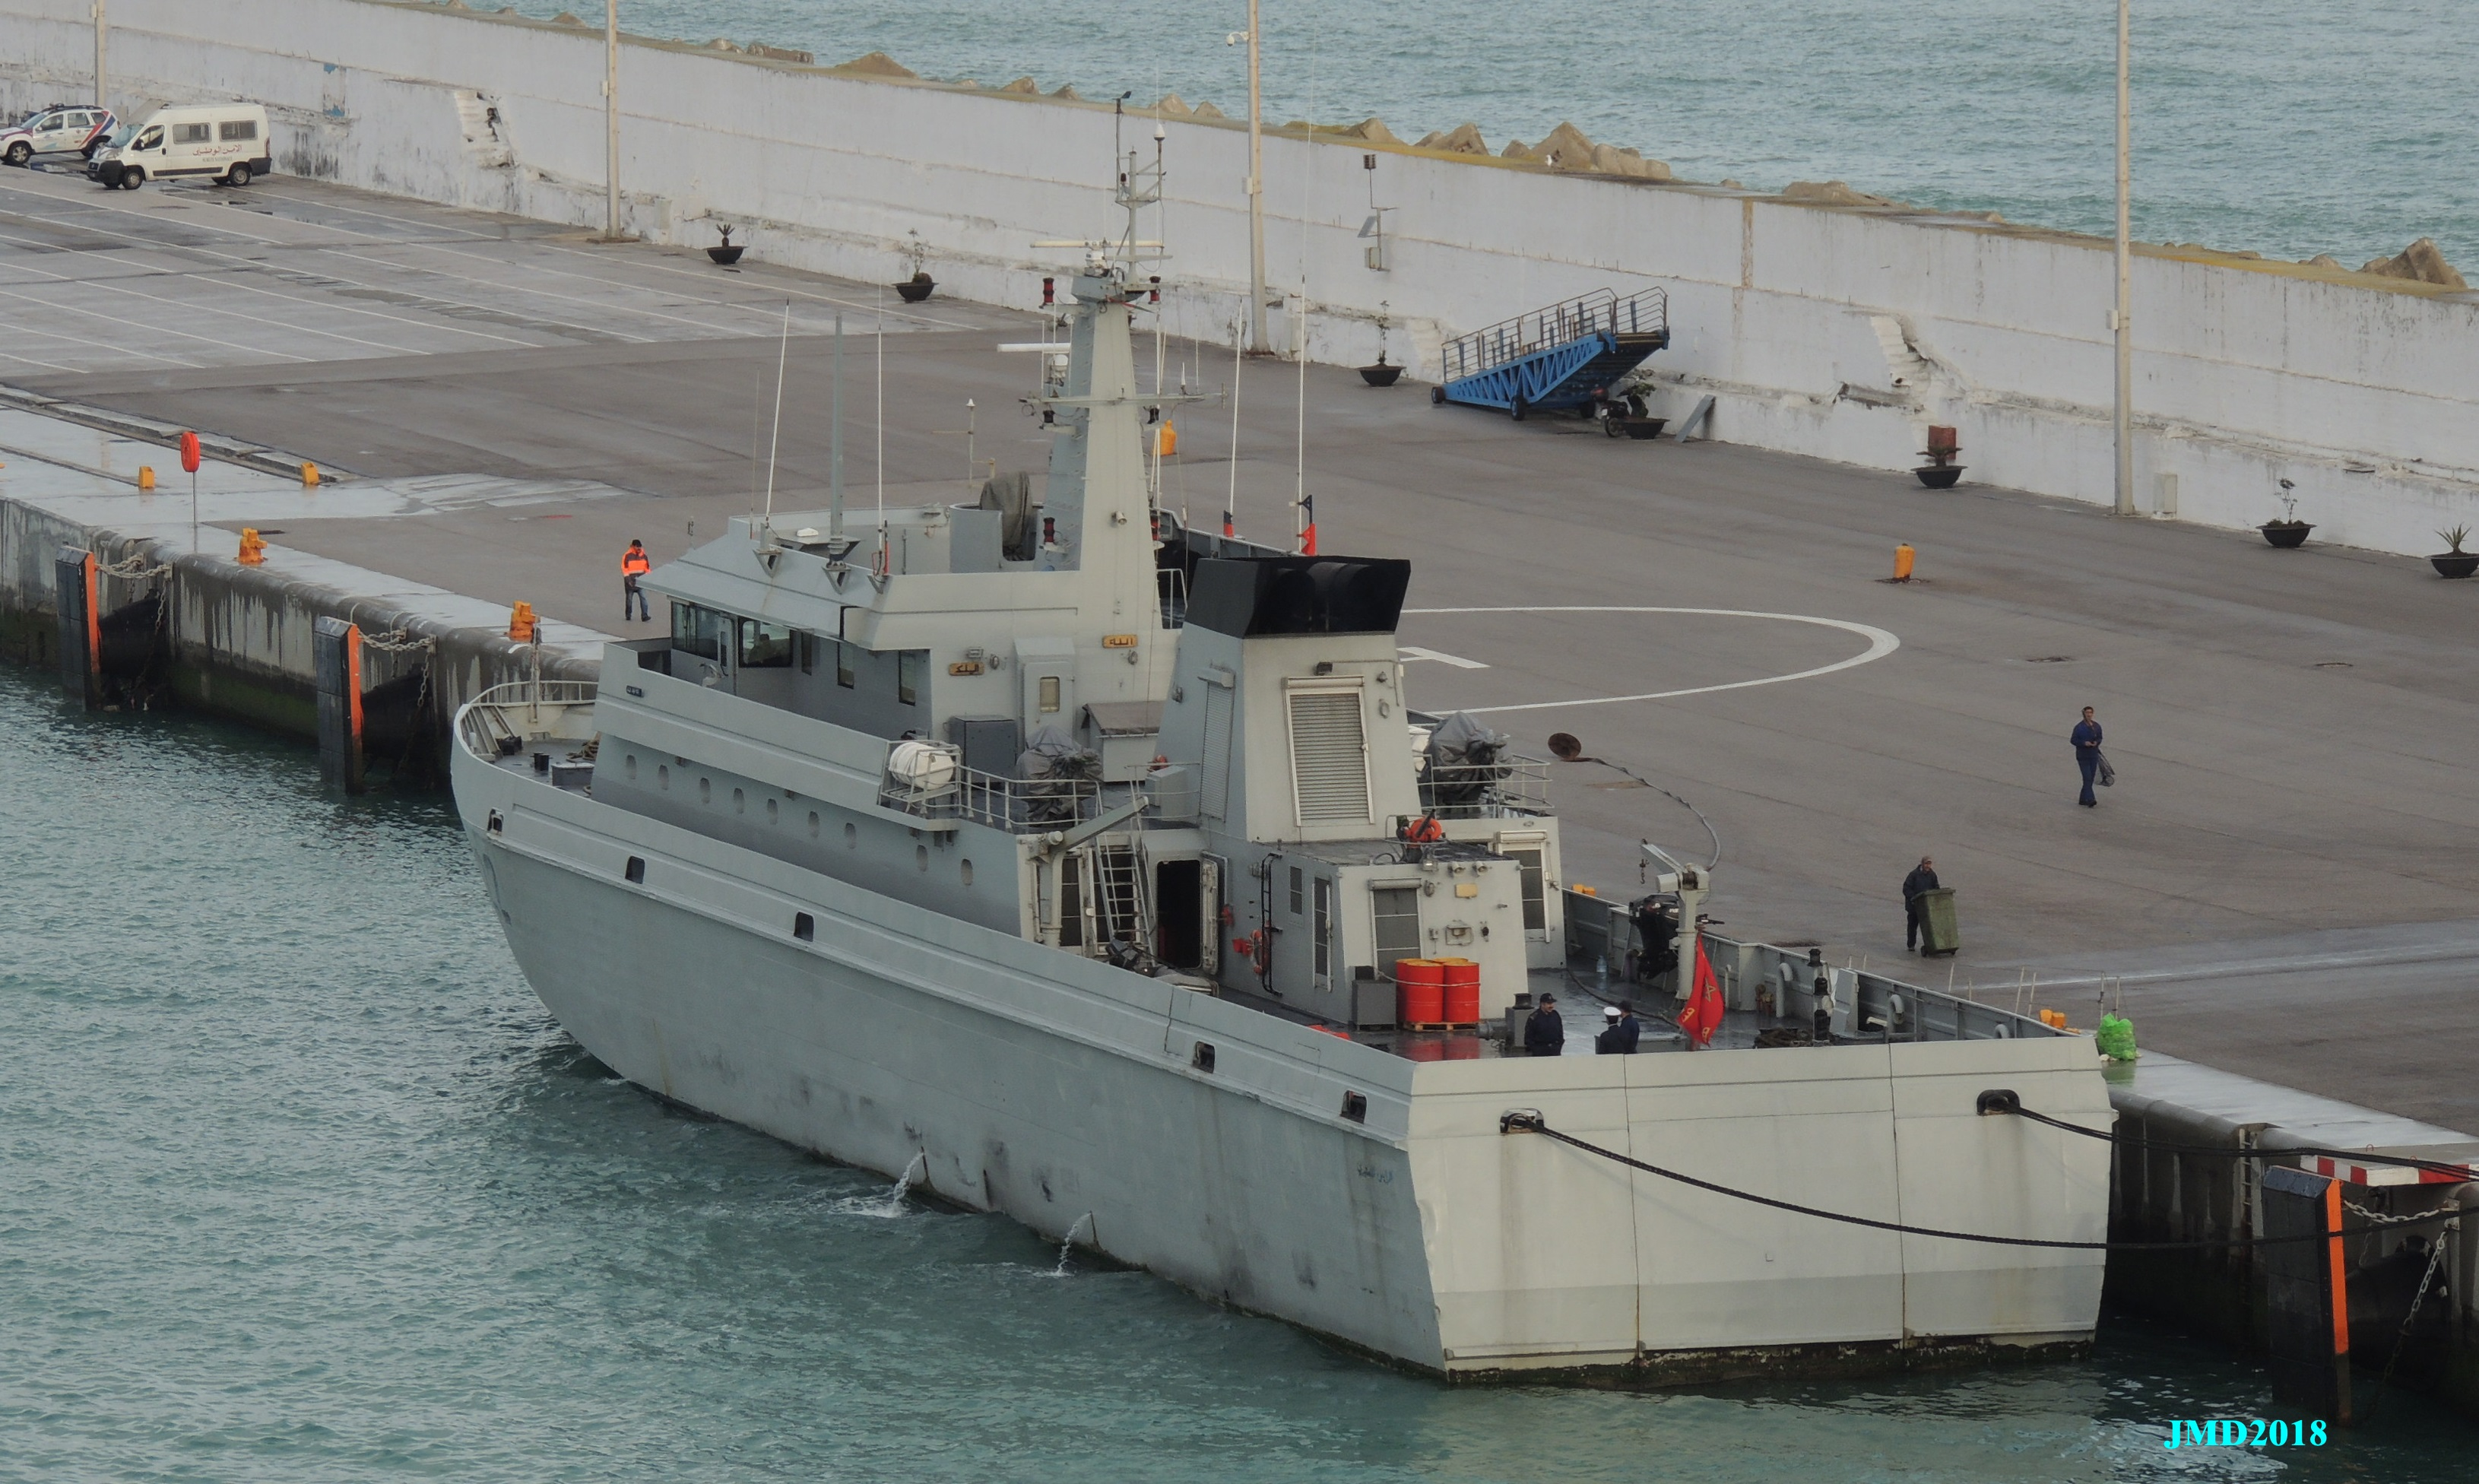 Royal Moroccan Navy Patrol Boats / Patrouilleurs de la Marine Marocaine - Page 13 2840272